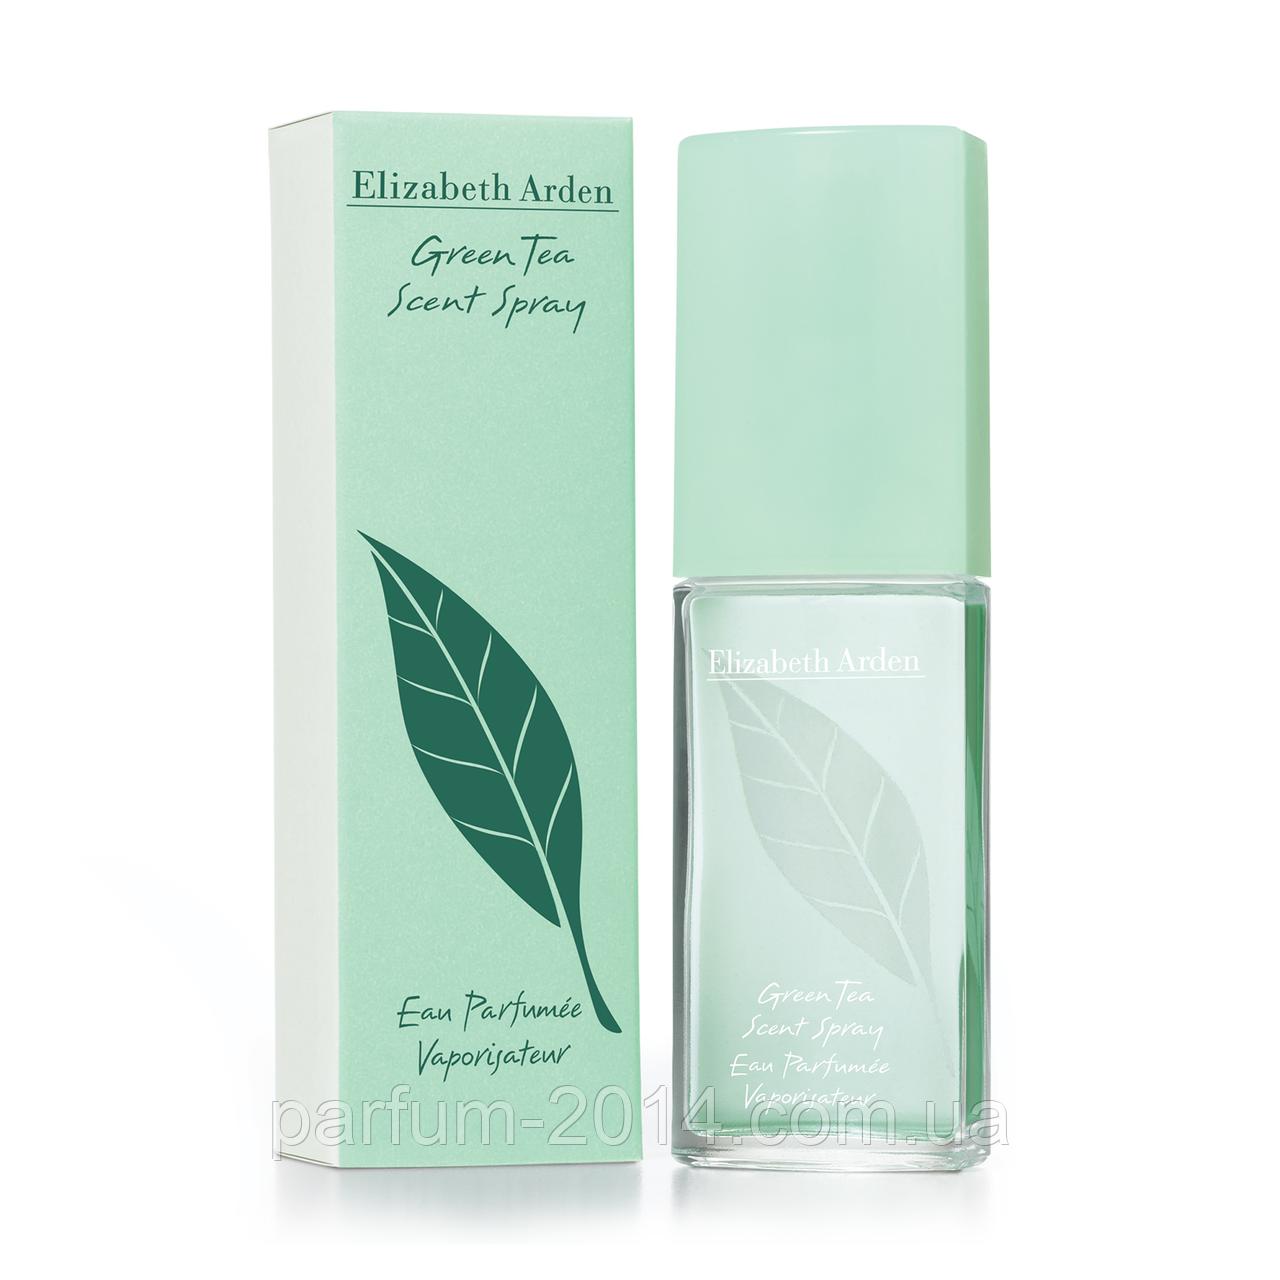 Женская парфюмированная вода Elizabeth Arden Green Tea + 10 мл в подарок - Parfum-2014 - Интернет-магазин парфюмерии и косметики в Харькове